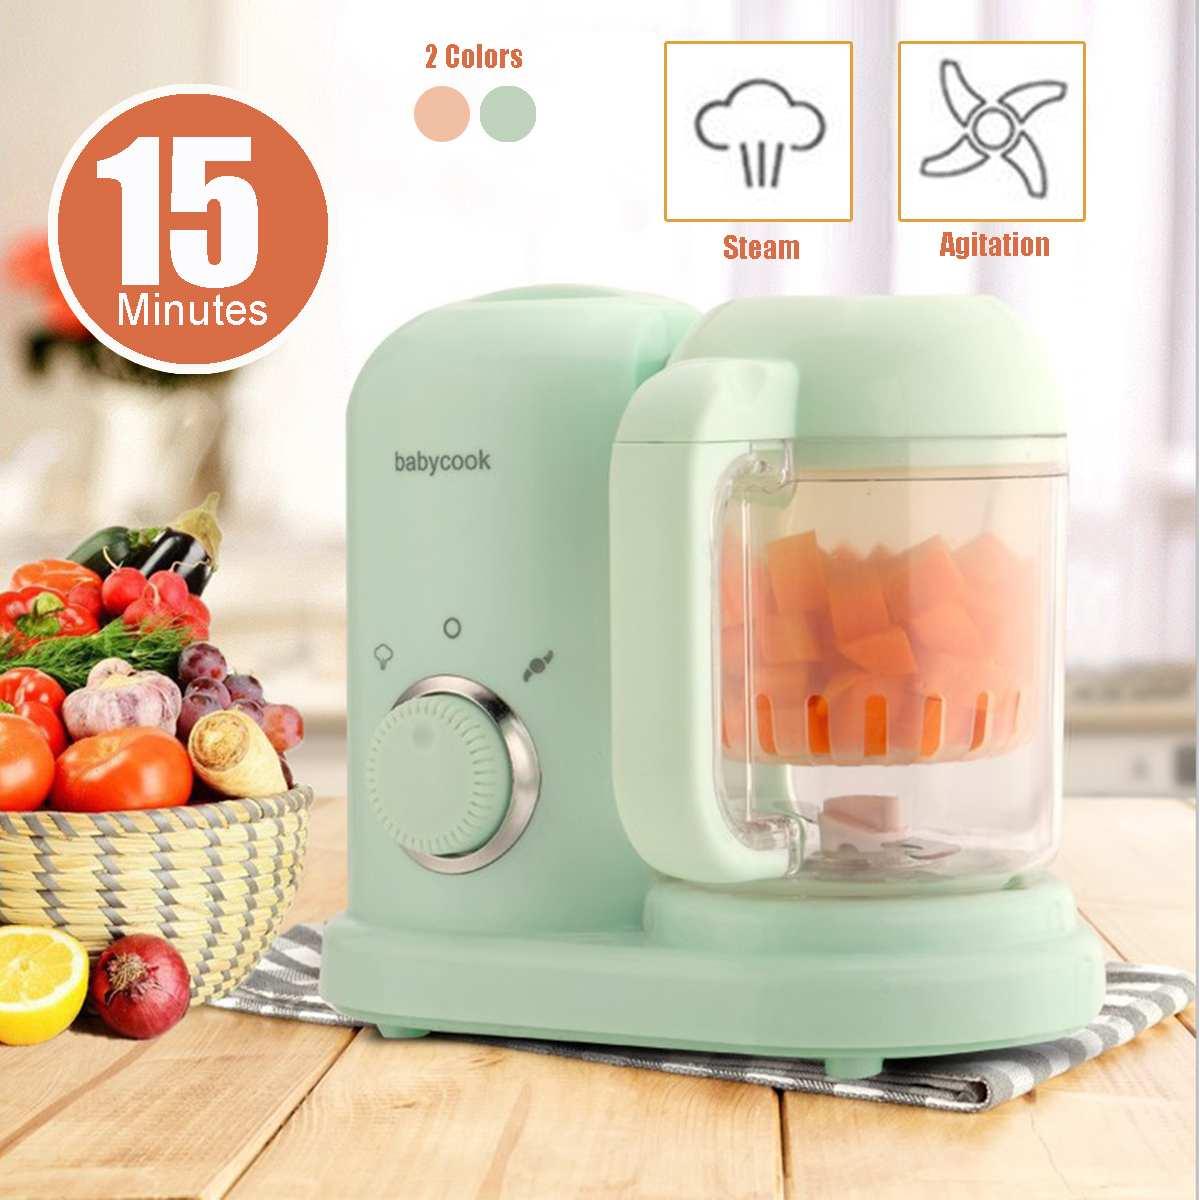 Becornce Baby Food Cooking Maker Steamer 220V 50Hz Multifunction Mixing Grinder Blenders Processor 190ml Shatterproof 2 Colors